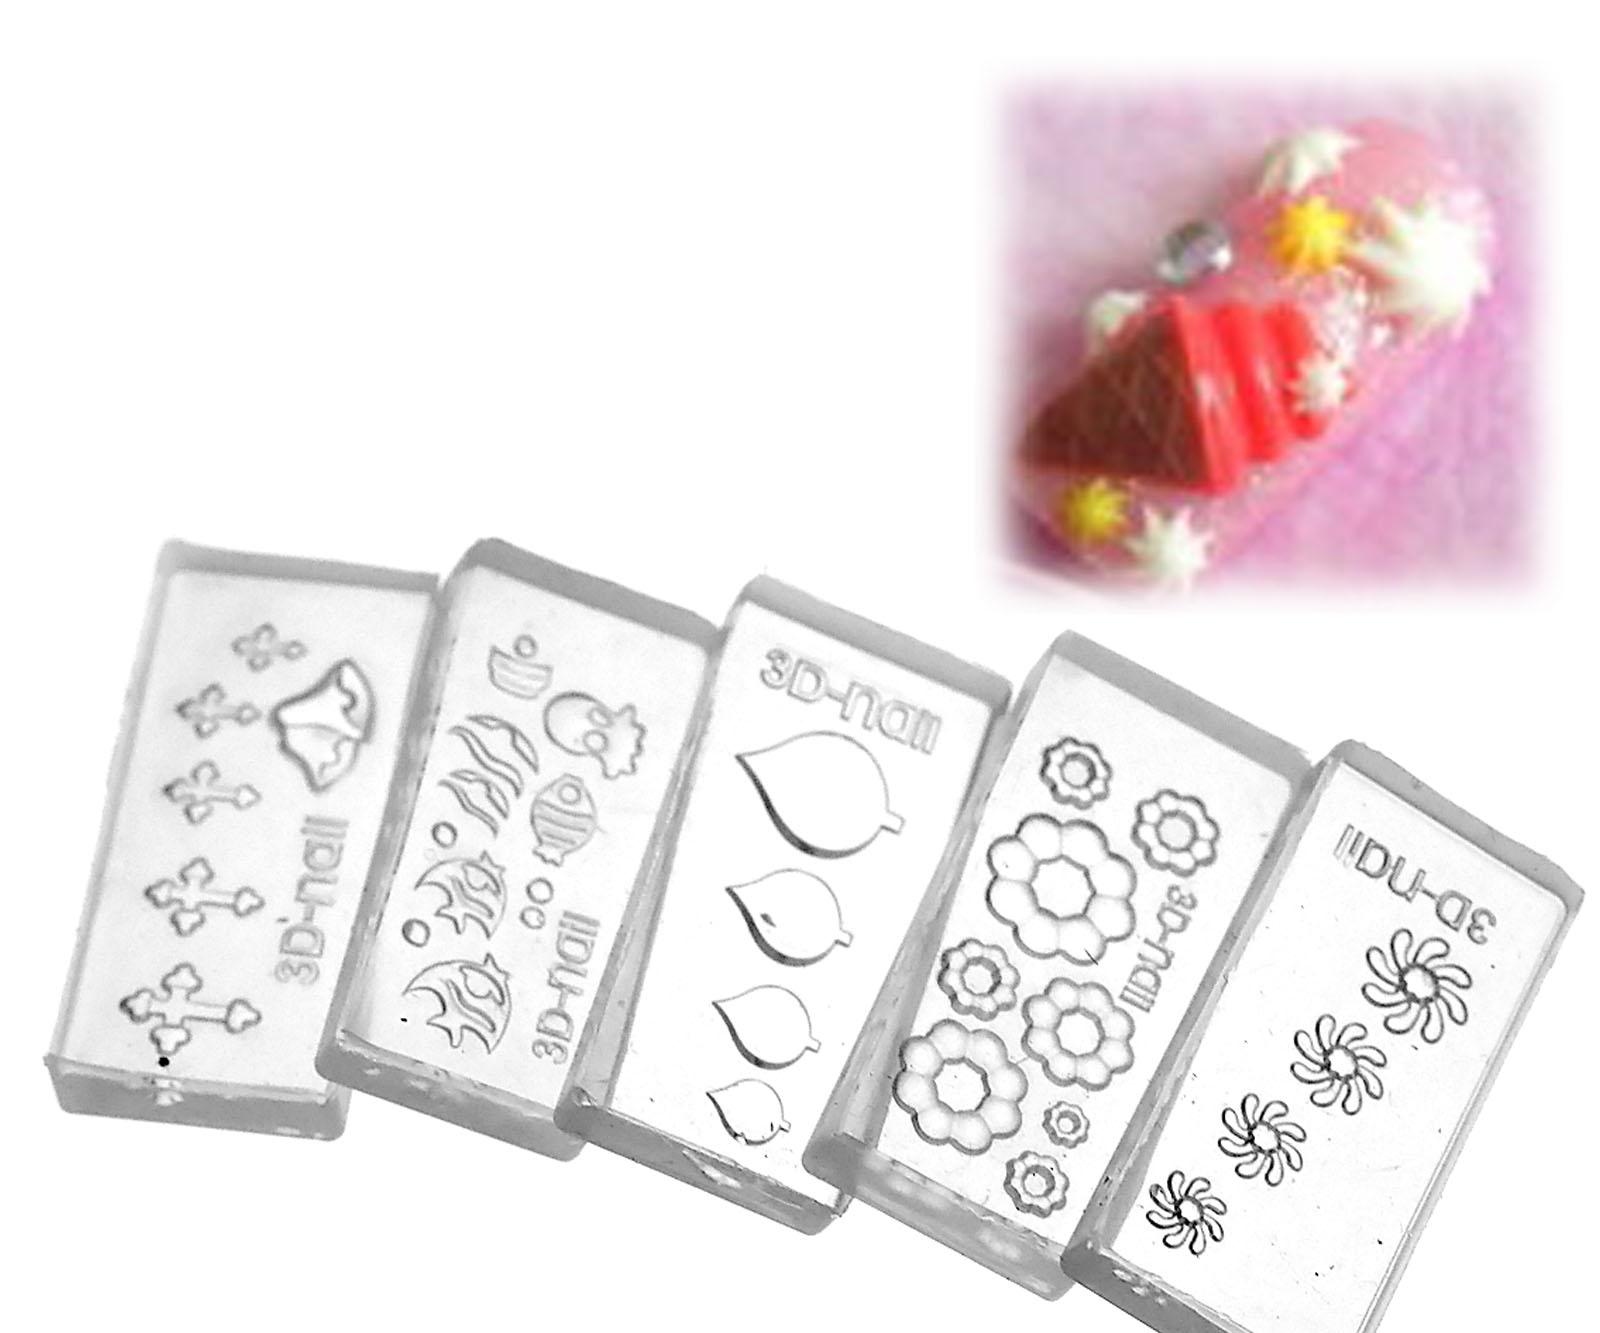 Clear 3d acrylic mold for nail art diy decoration design for 3d acrylic nail art mold diy decoration